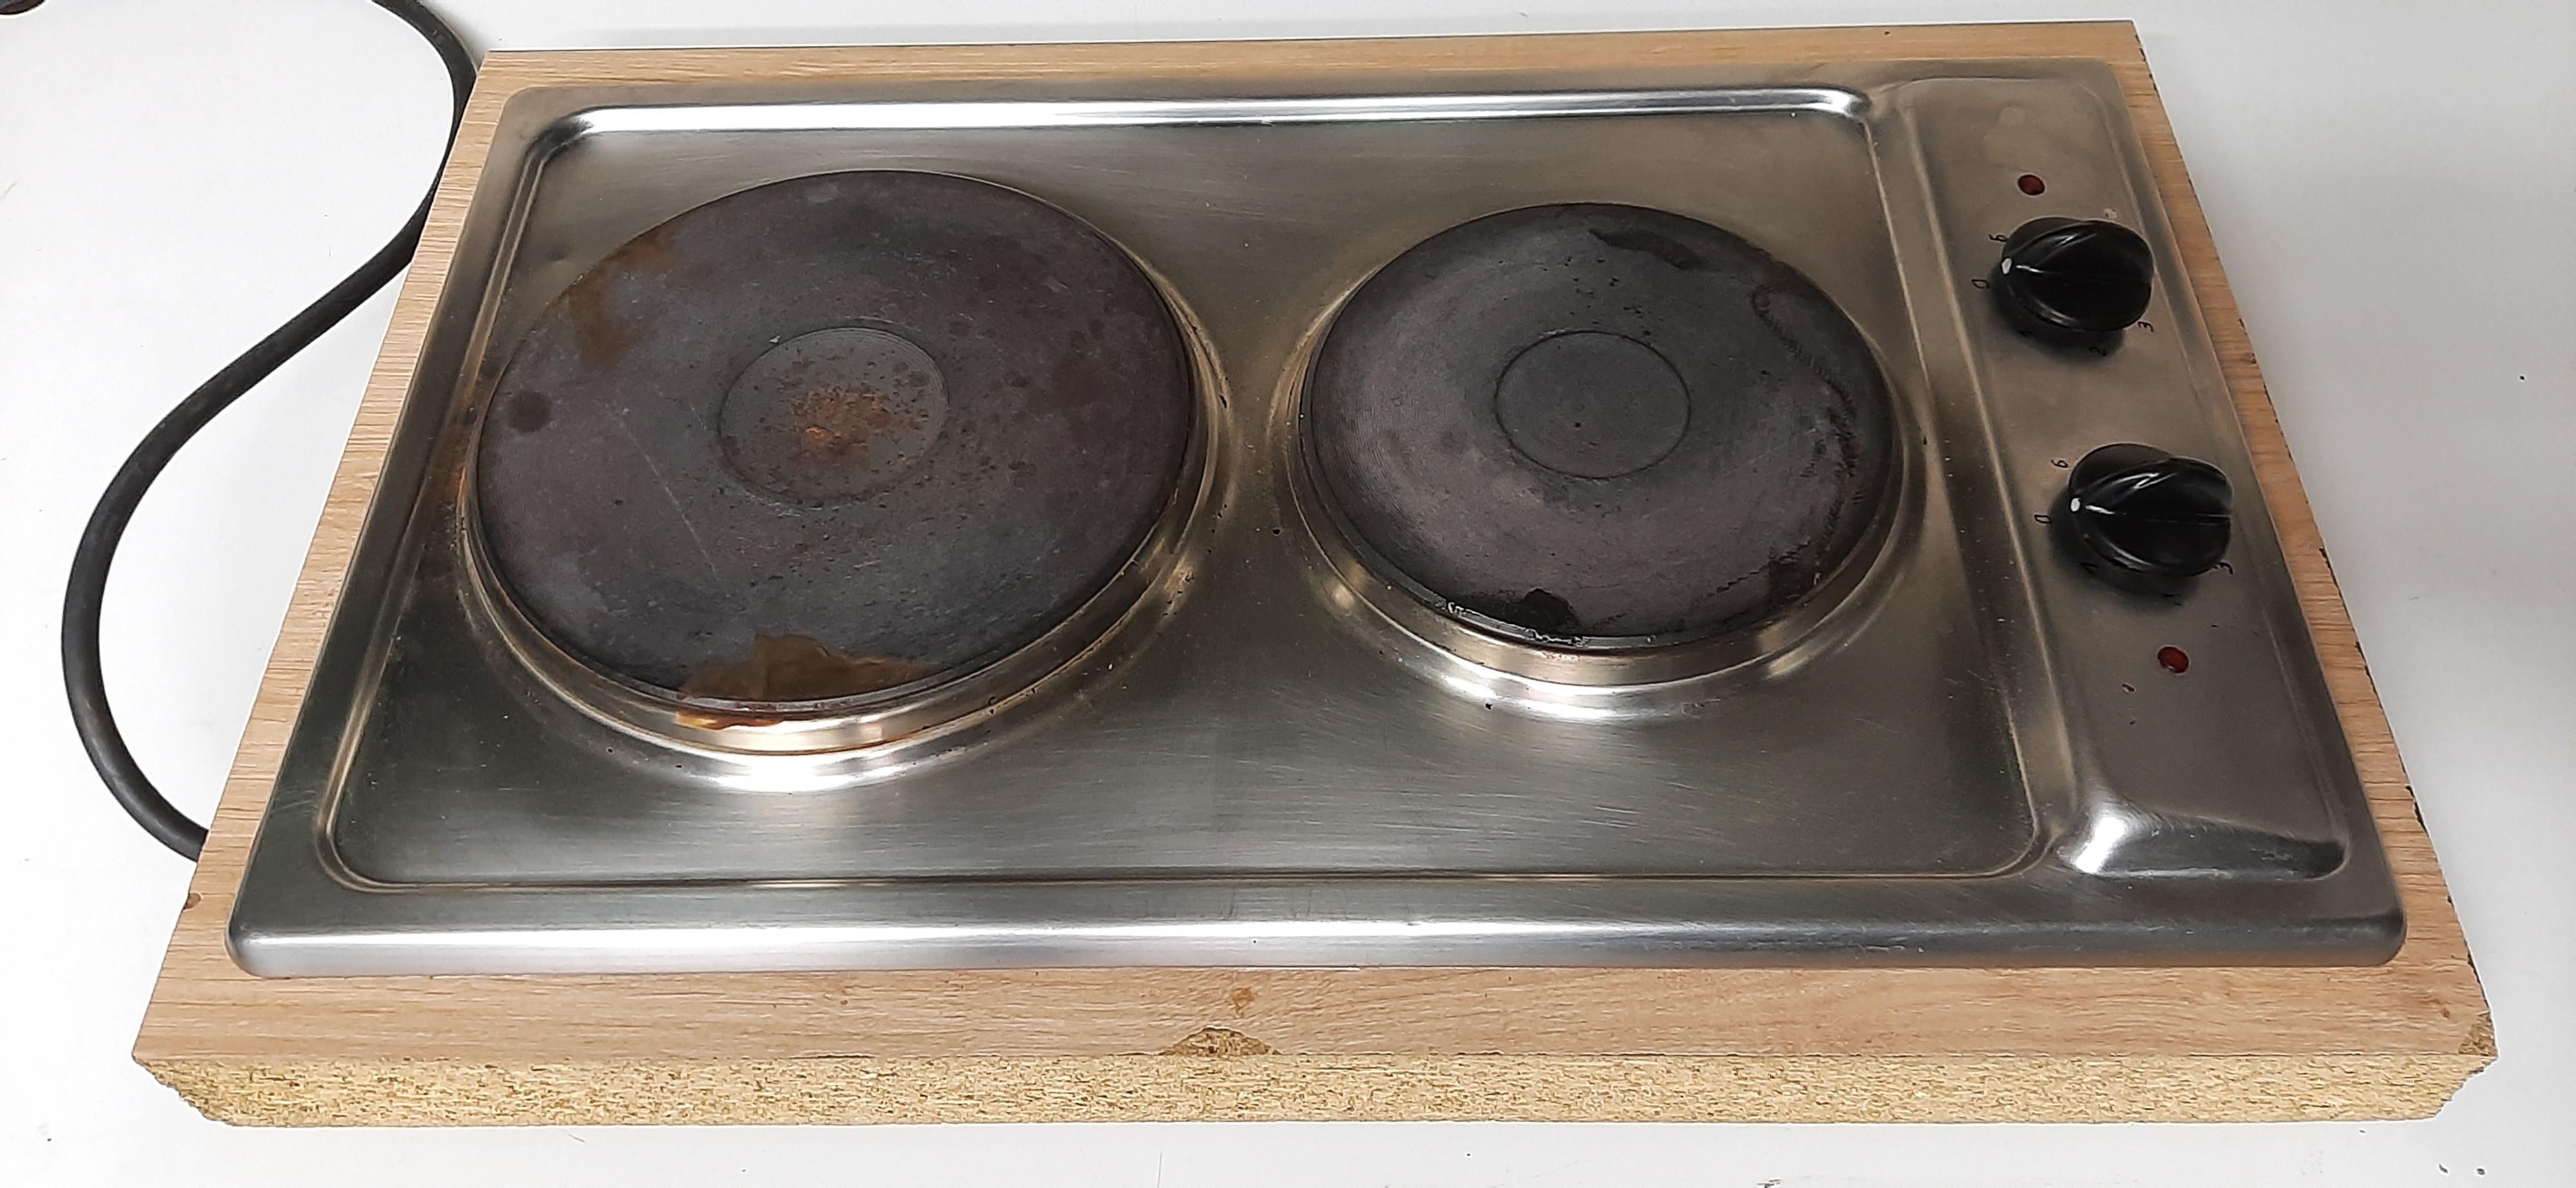 troc de troc plaque cuisson occasion image 0